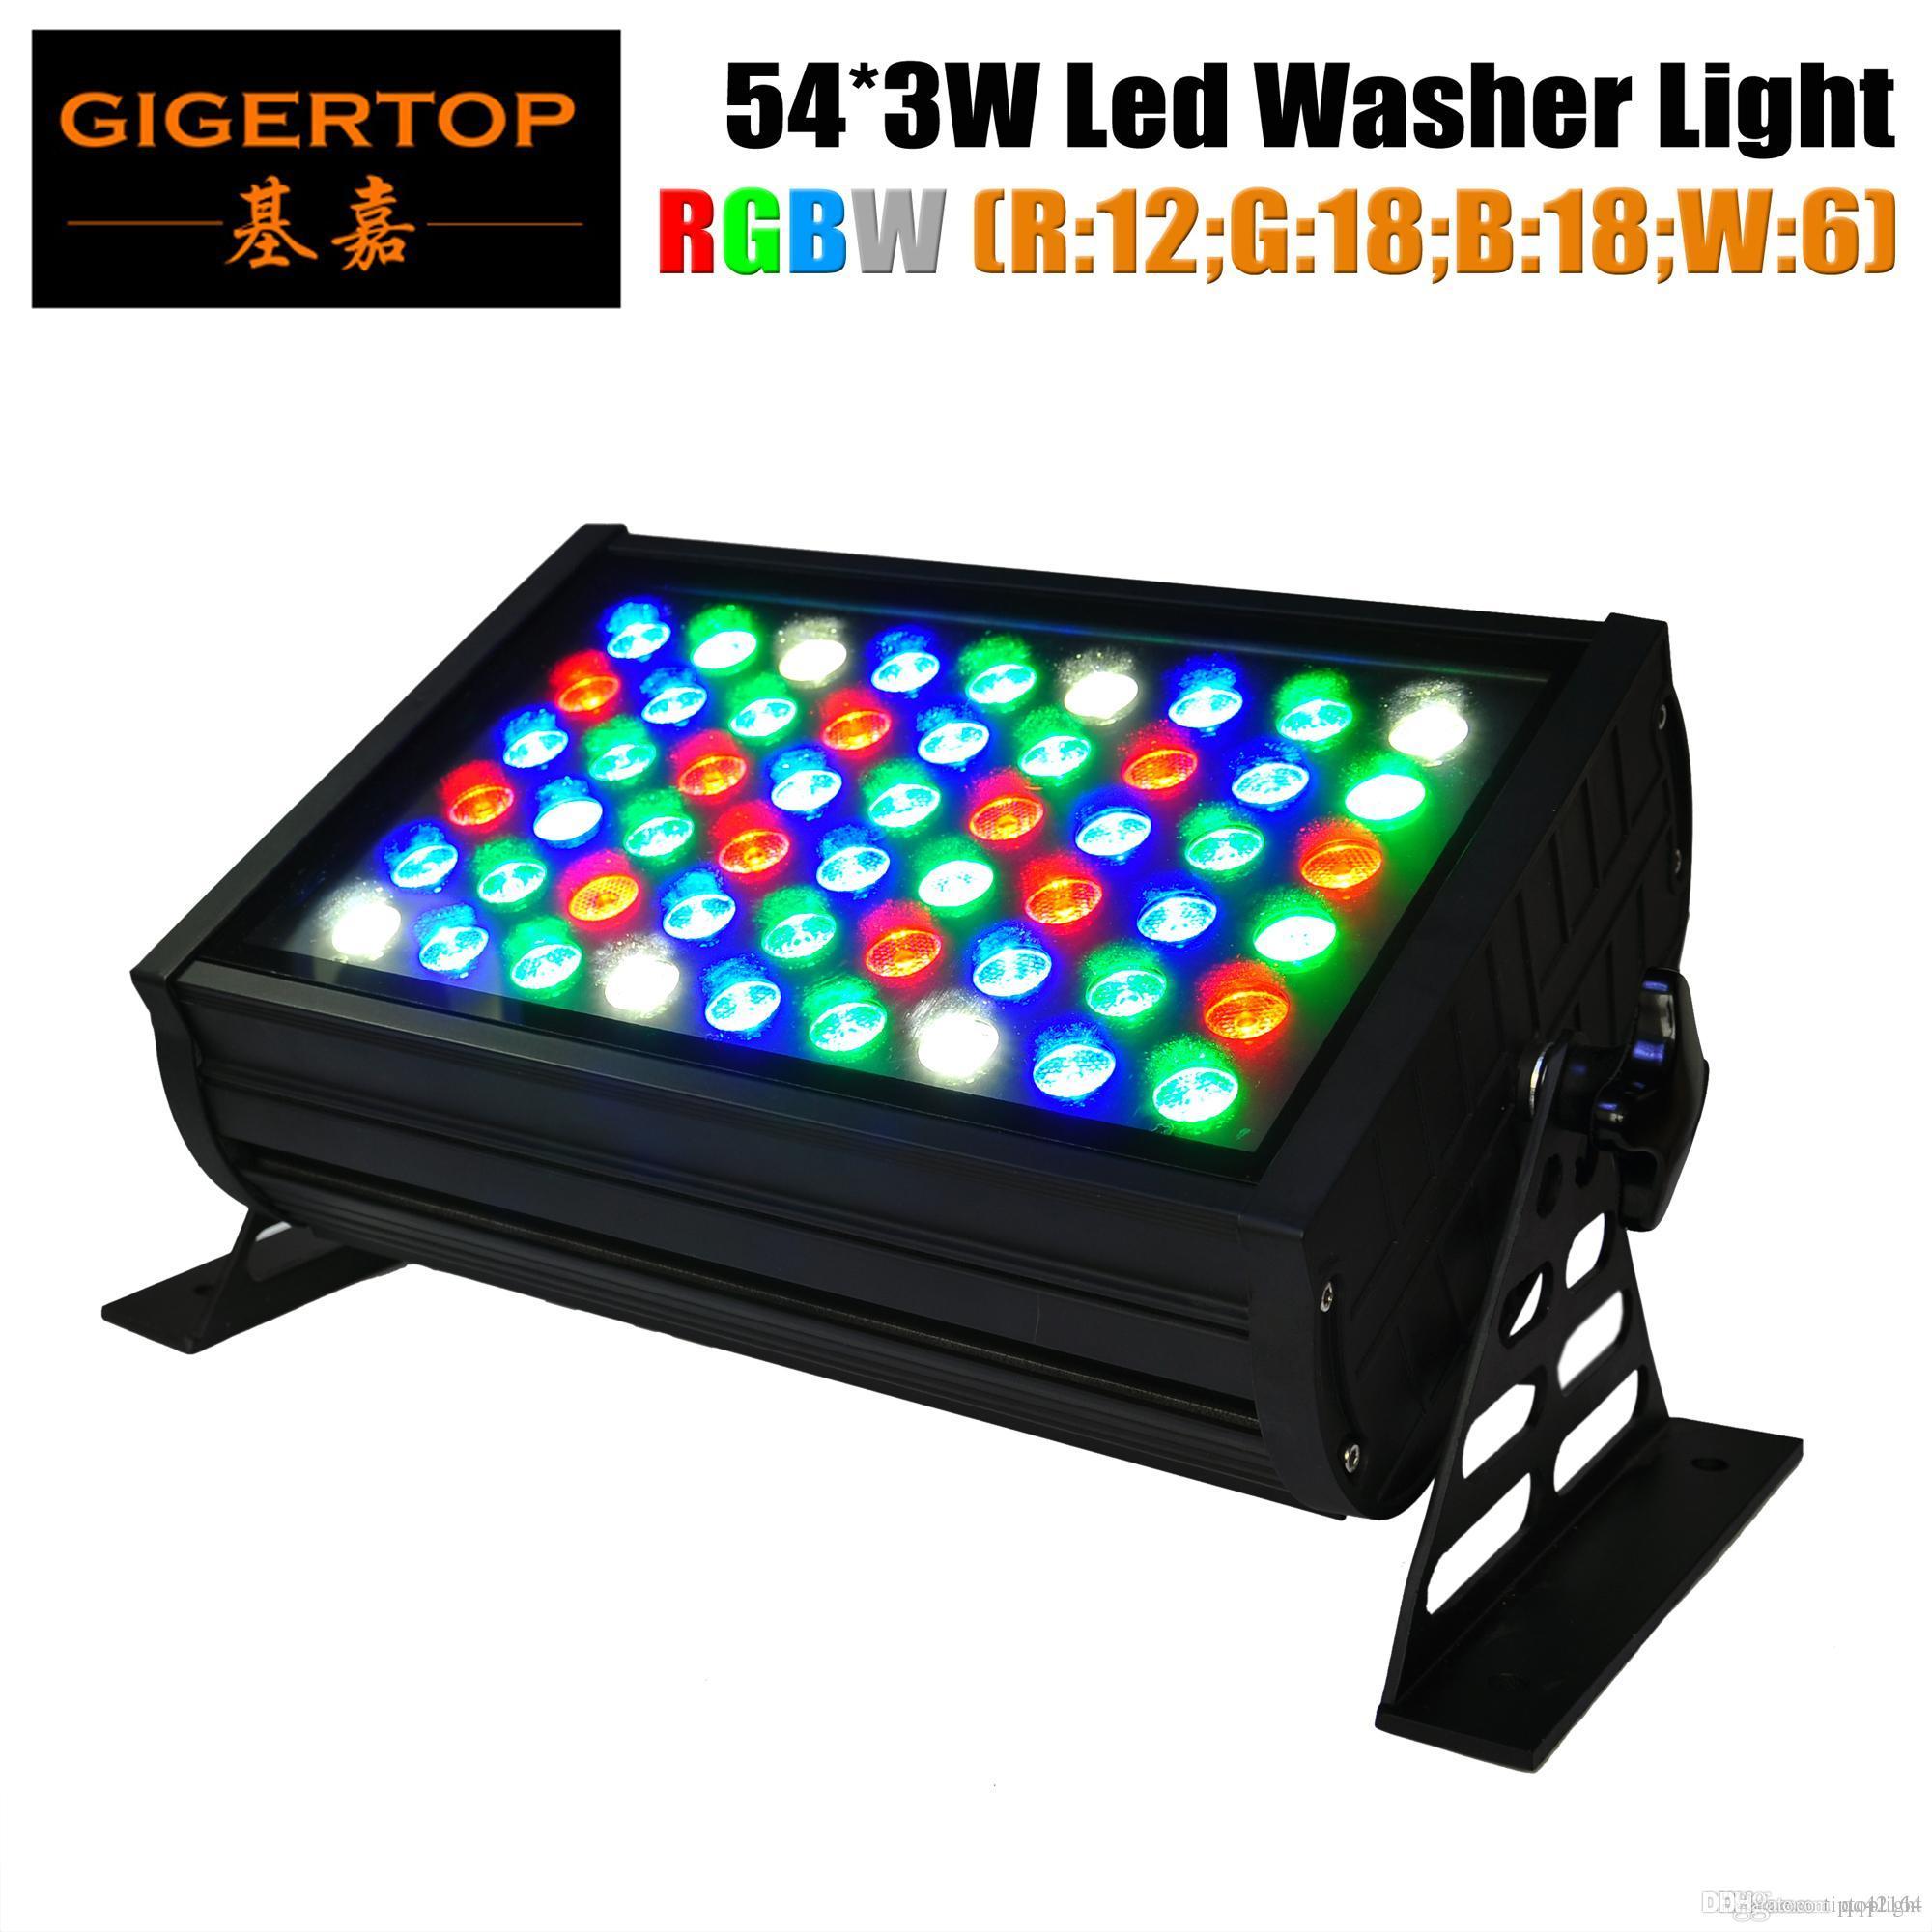 gigertop Professional UL LED IP65 Wall Washer 54X3W Paisagismo Iluminação DMX512 RGBW para Fundo de estágio 110V-240V